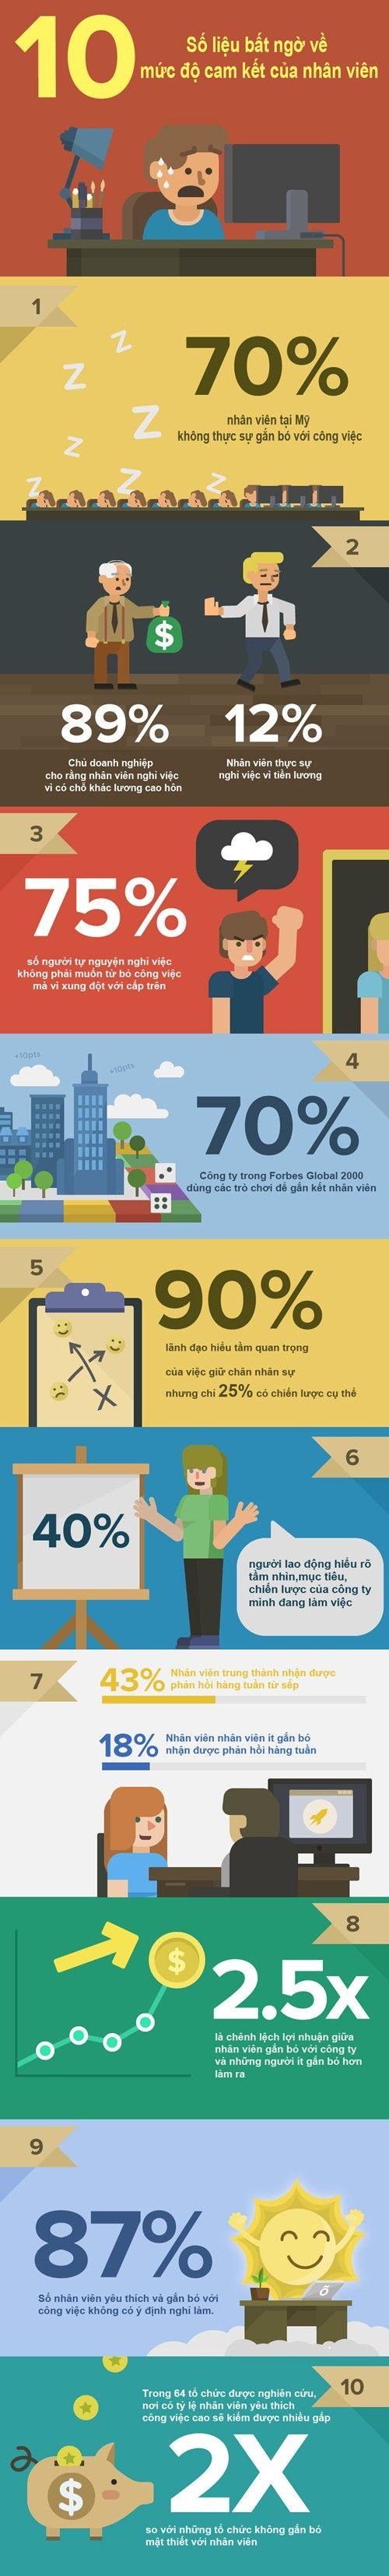 [Infographic] 10 bất ngờ về cam kết của nhân viên